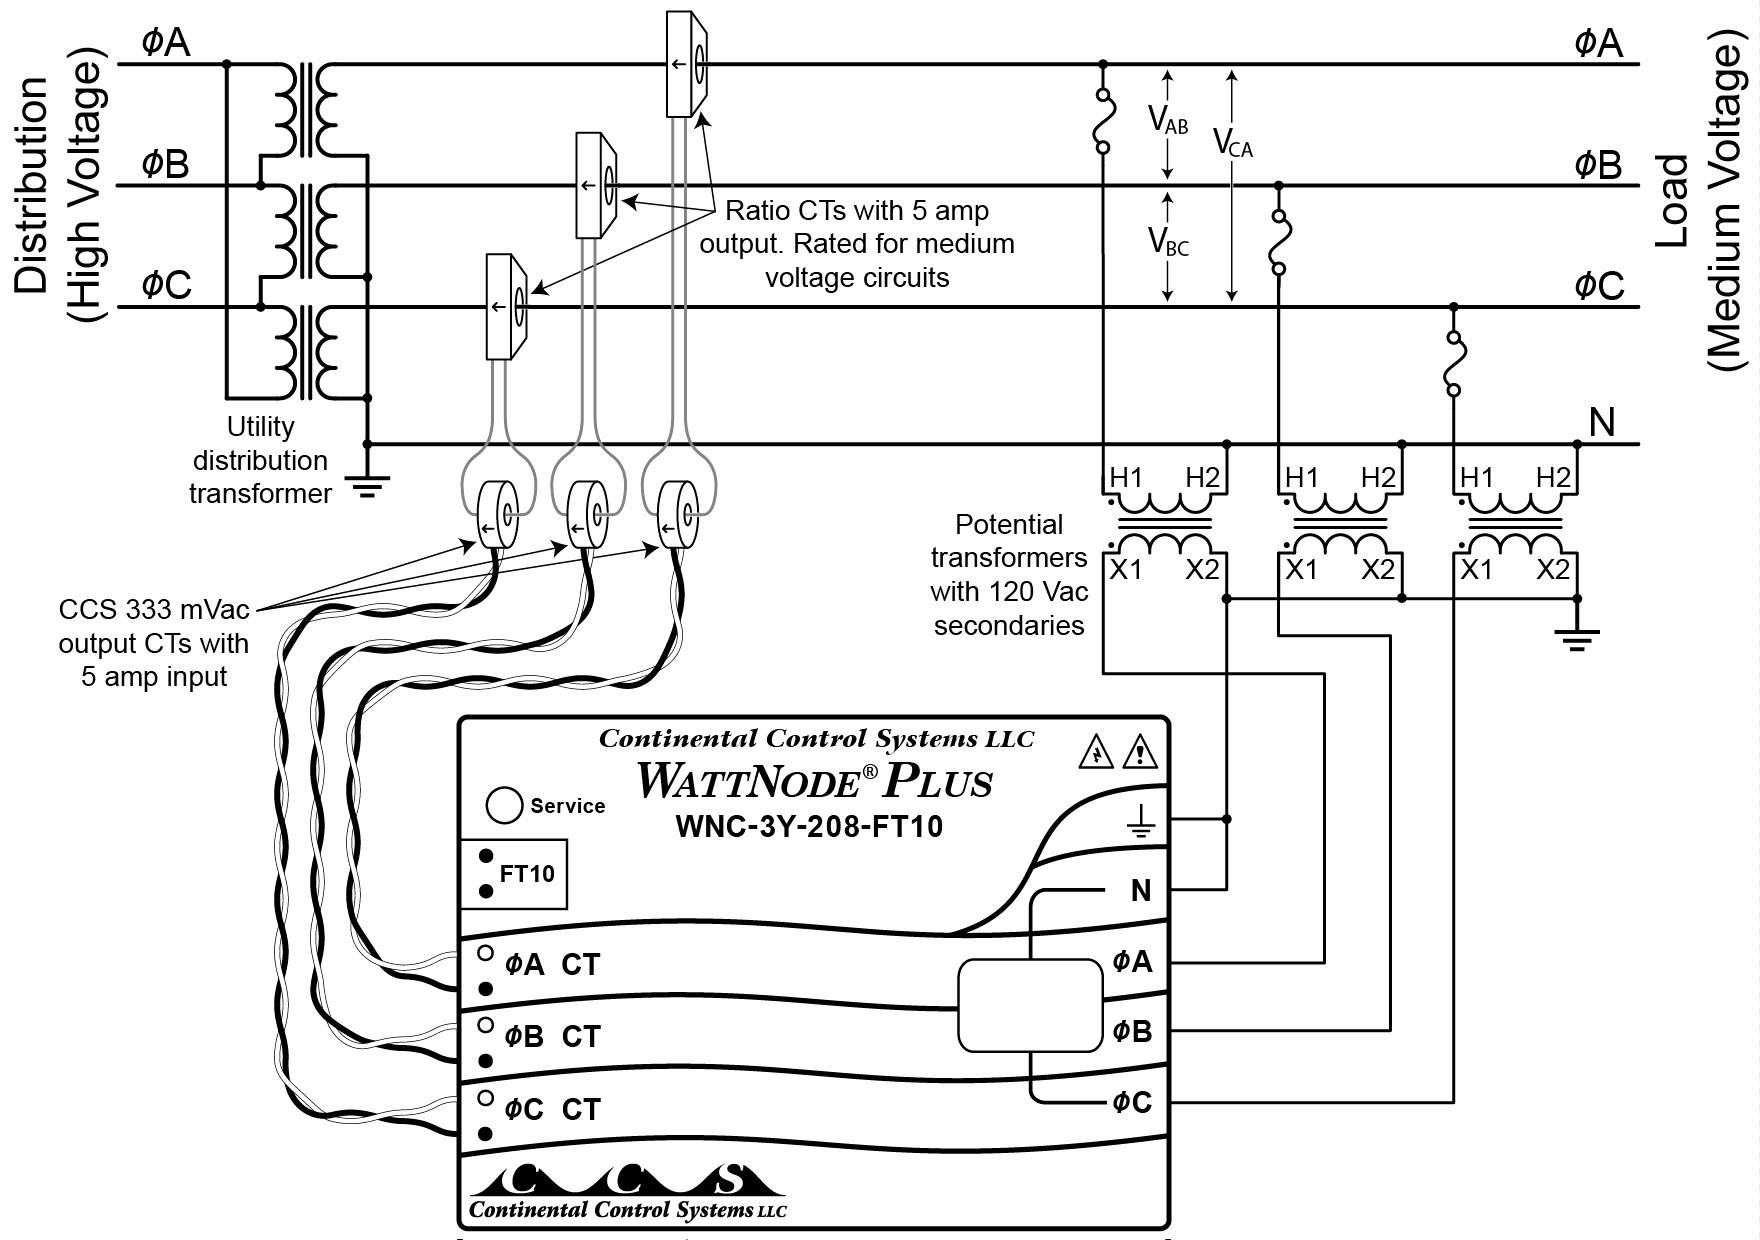 75 Kva Transformer Wiring Diagram